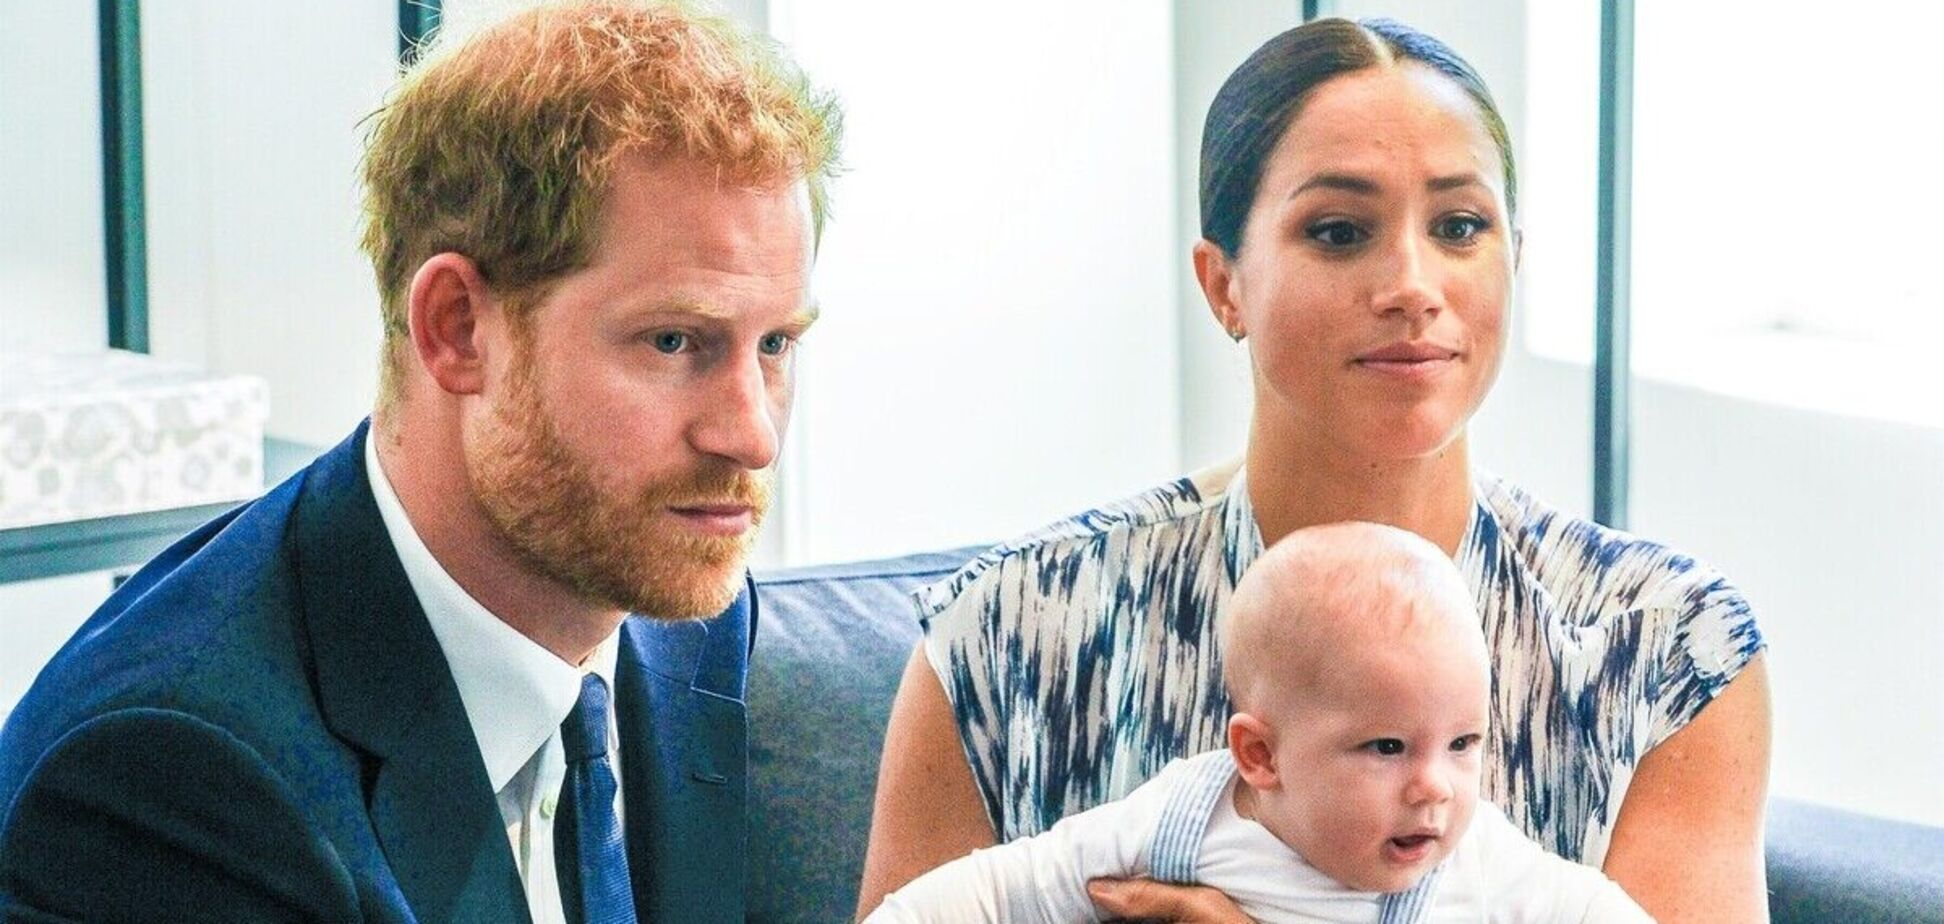 Син Меган Маркл і принца Гаррі не отримає титул принца – ЗМІ